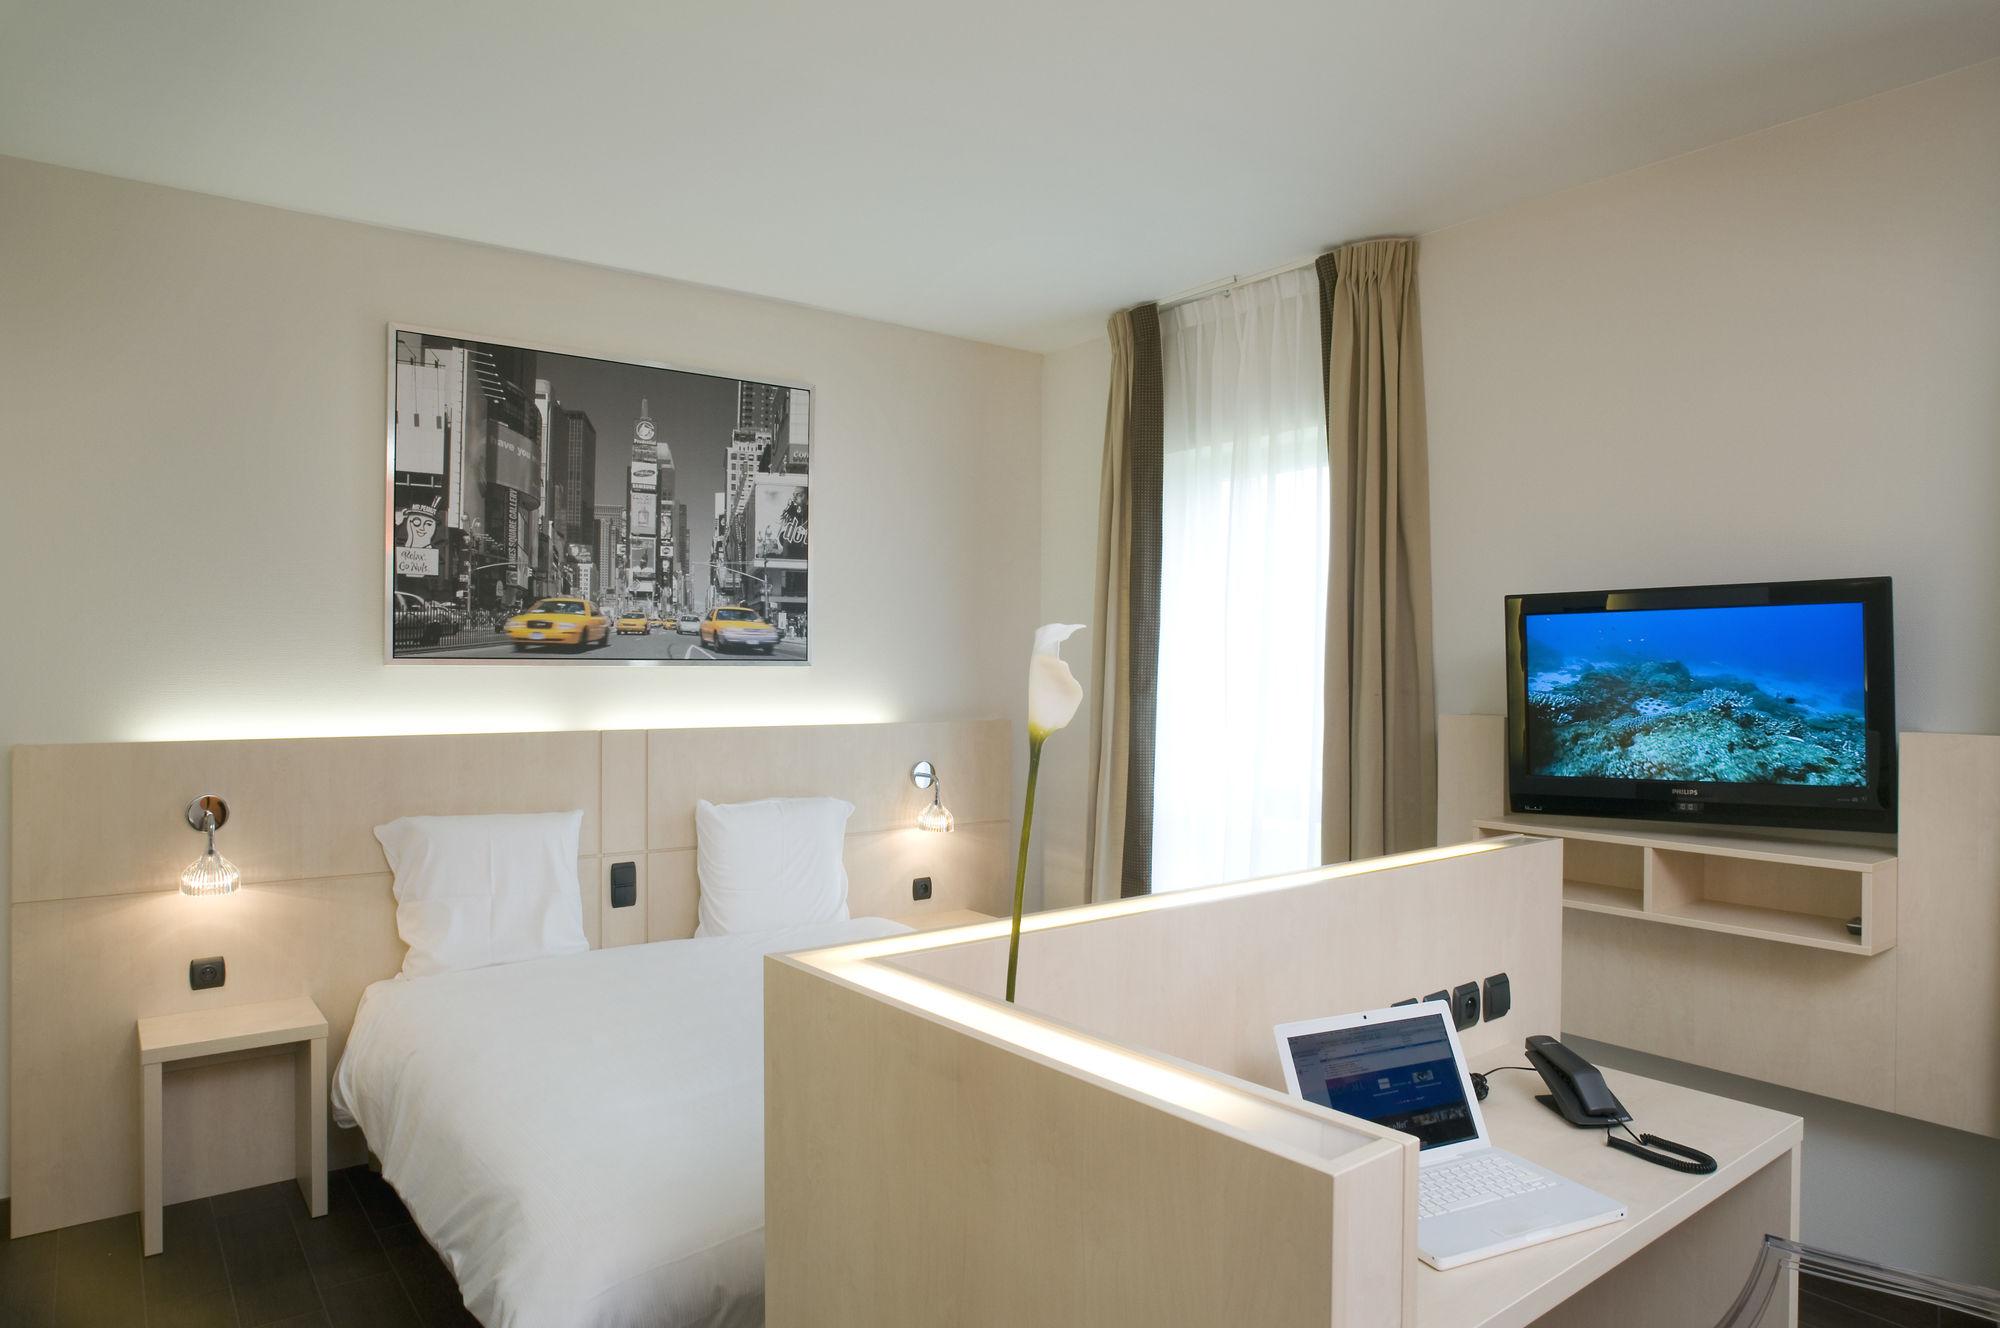 Hotel meubilair hotel textiel interieur decoratie voor hotels tapijt en acoustische - Site interieur decoratie ...